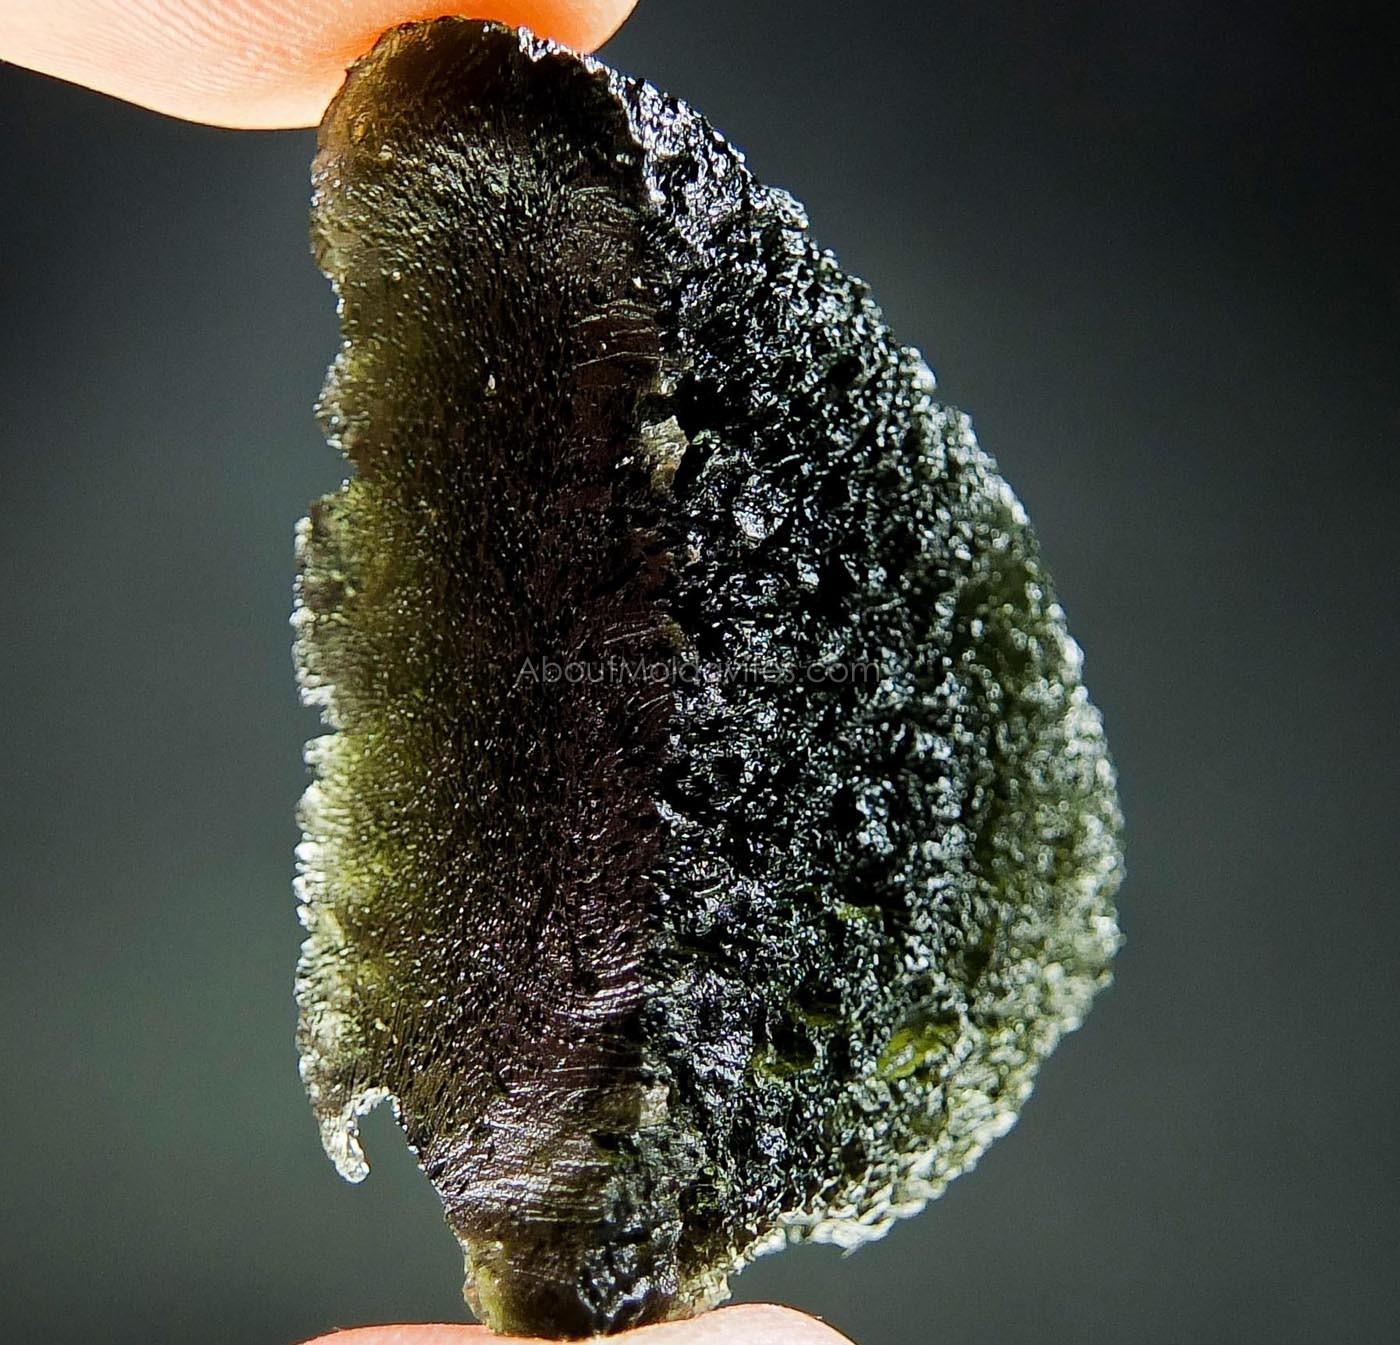 Naturally fragmented moldavite